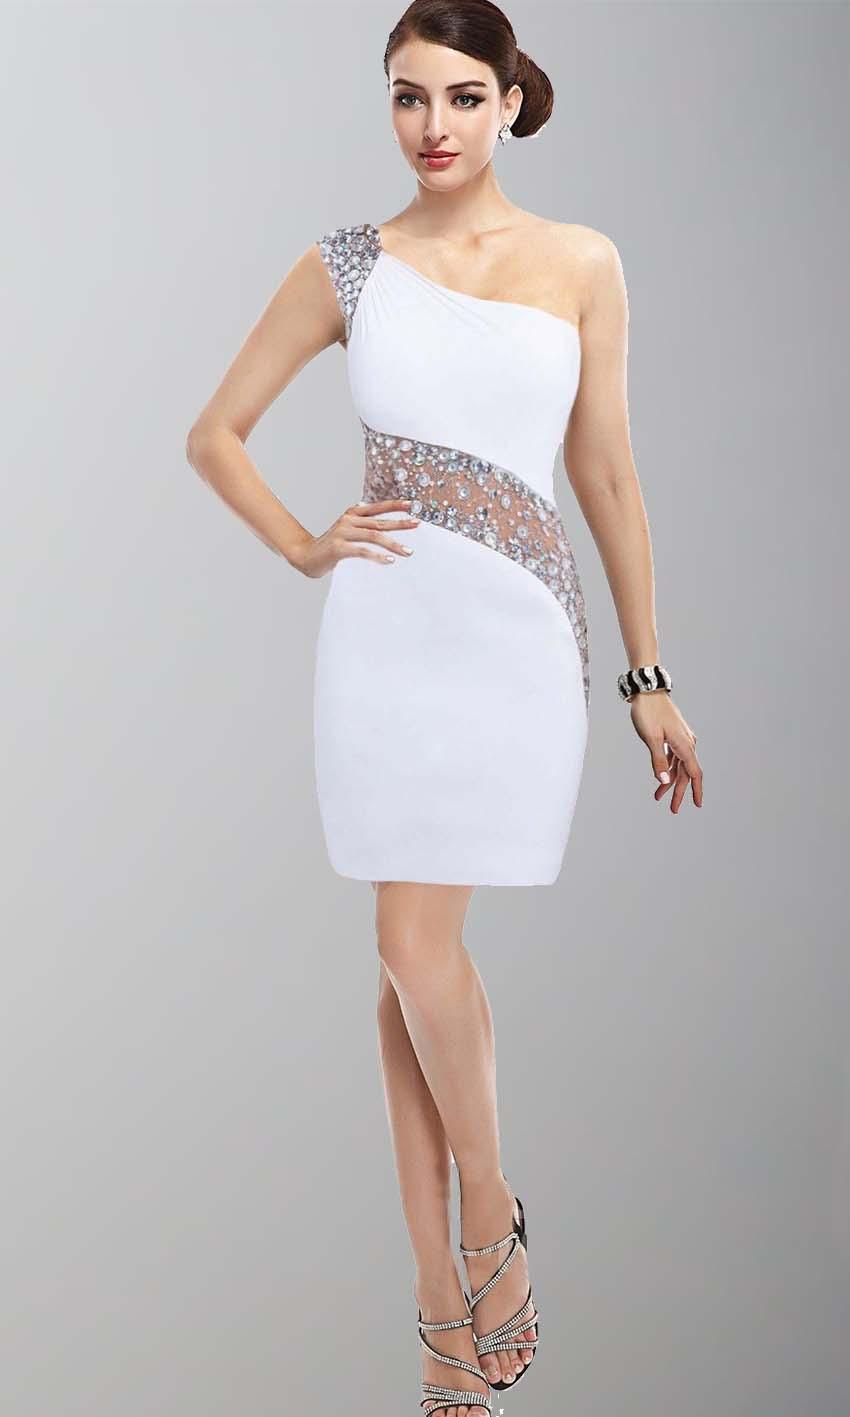 How about this dress? - Obrázok č. 1